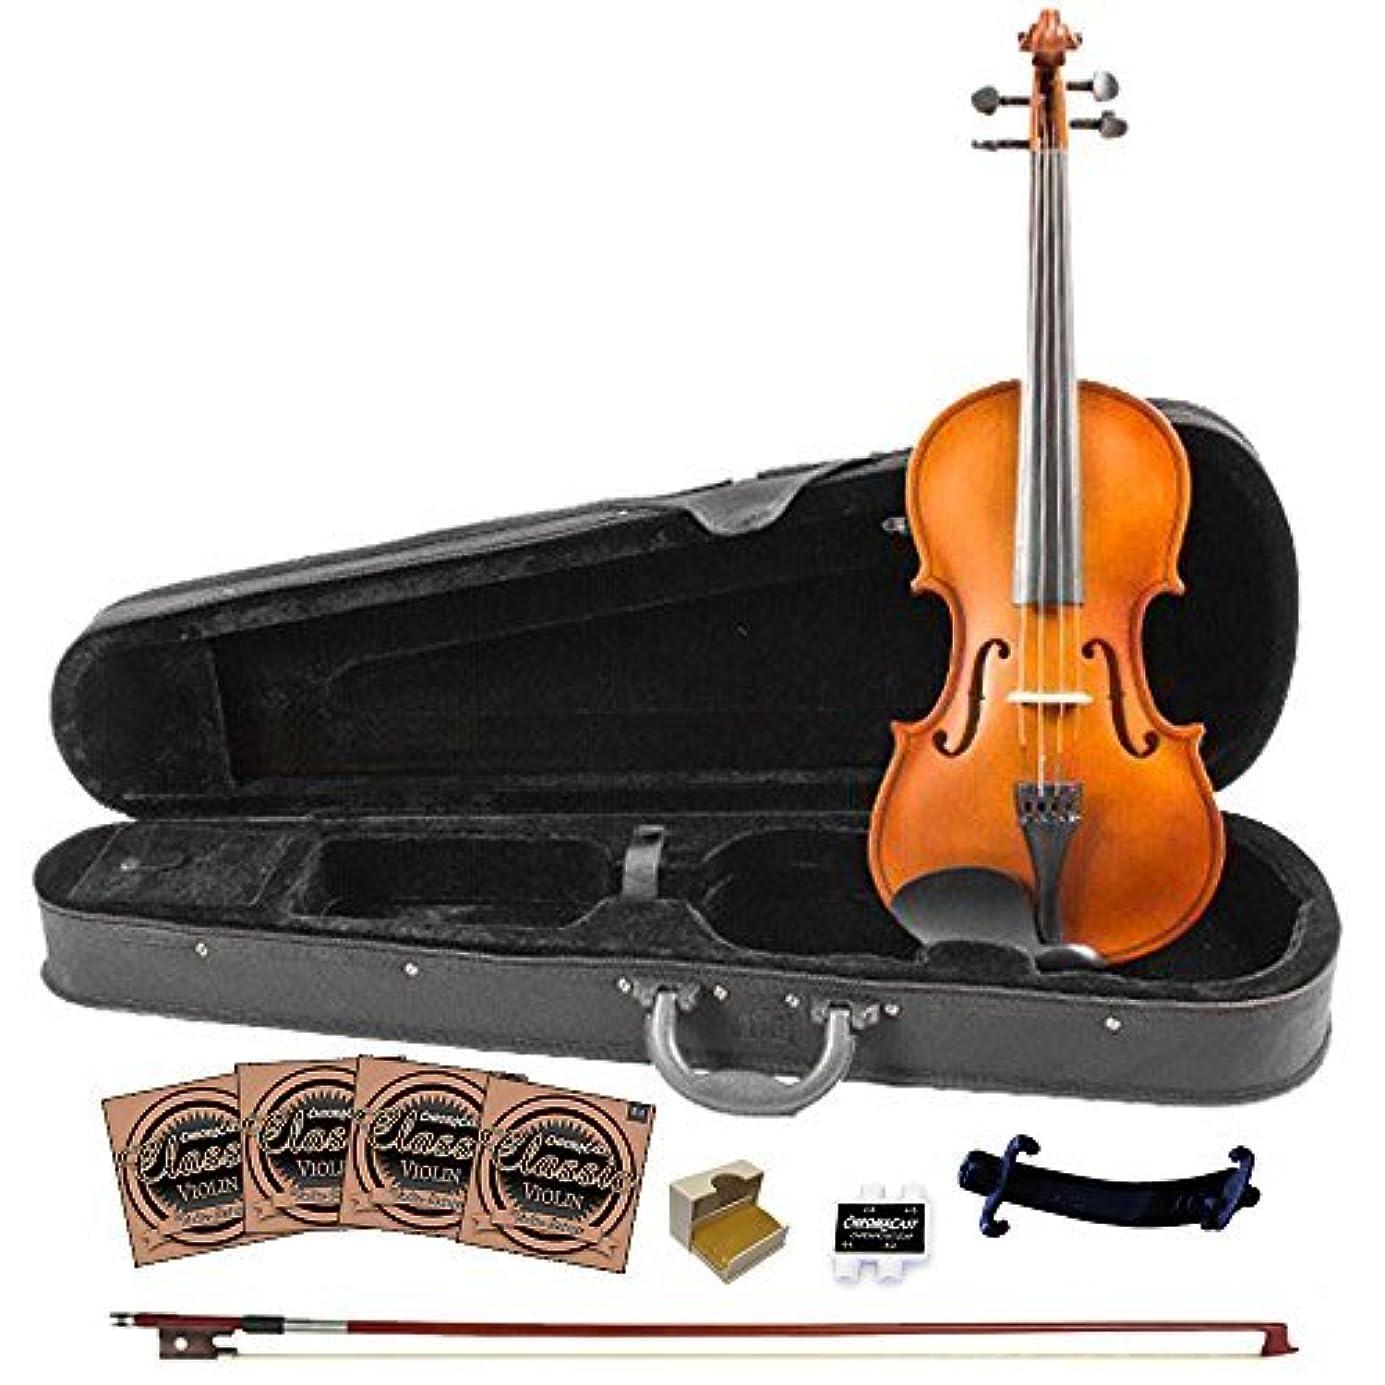 位置するもつれハプニングRise by Sawtooth ST-RISE-VFLAME Beginner'S Violin Full Size [並行輸入品]